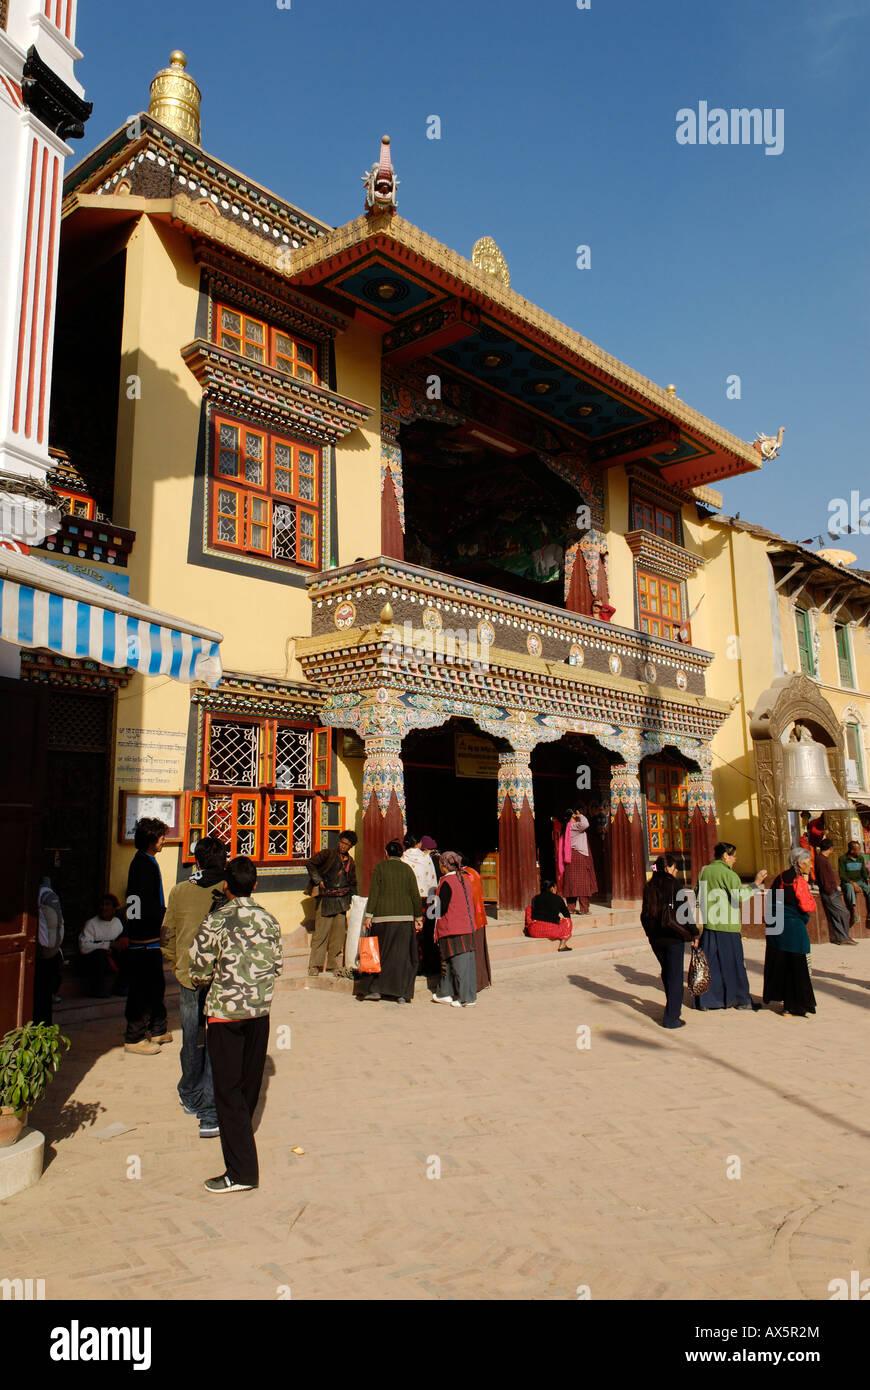 Buddhist stupa of Bodhnath (Boudha), Kathmandu, Nepal - Stock Image